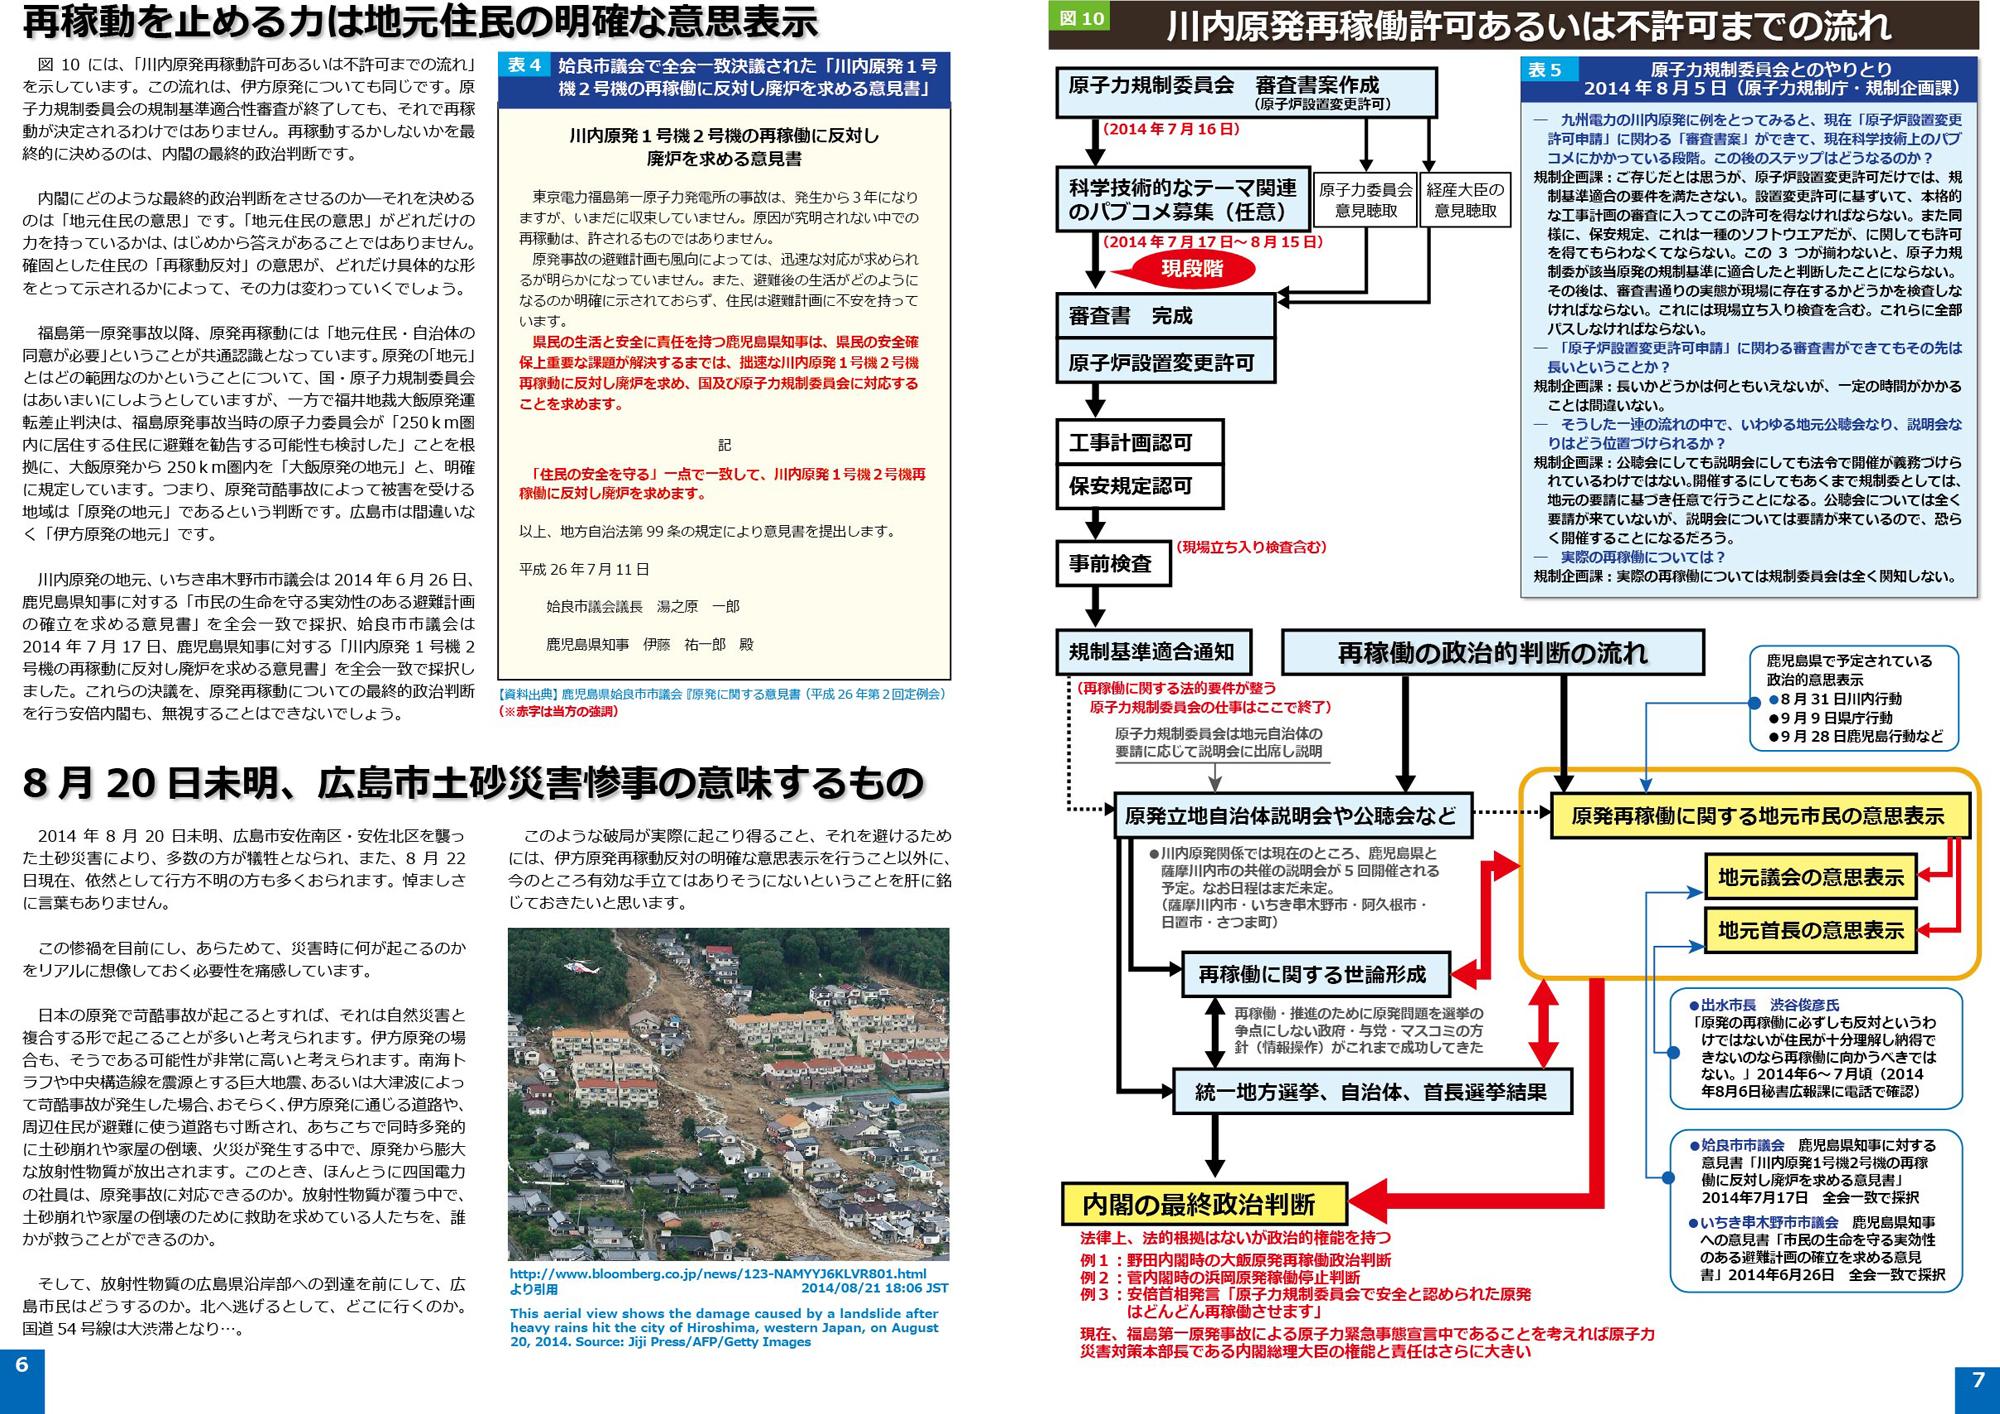 ファイル 33-4.jpg